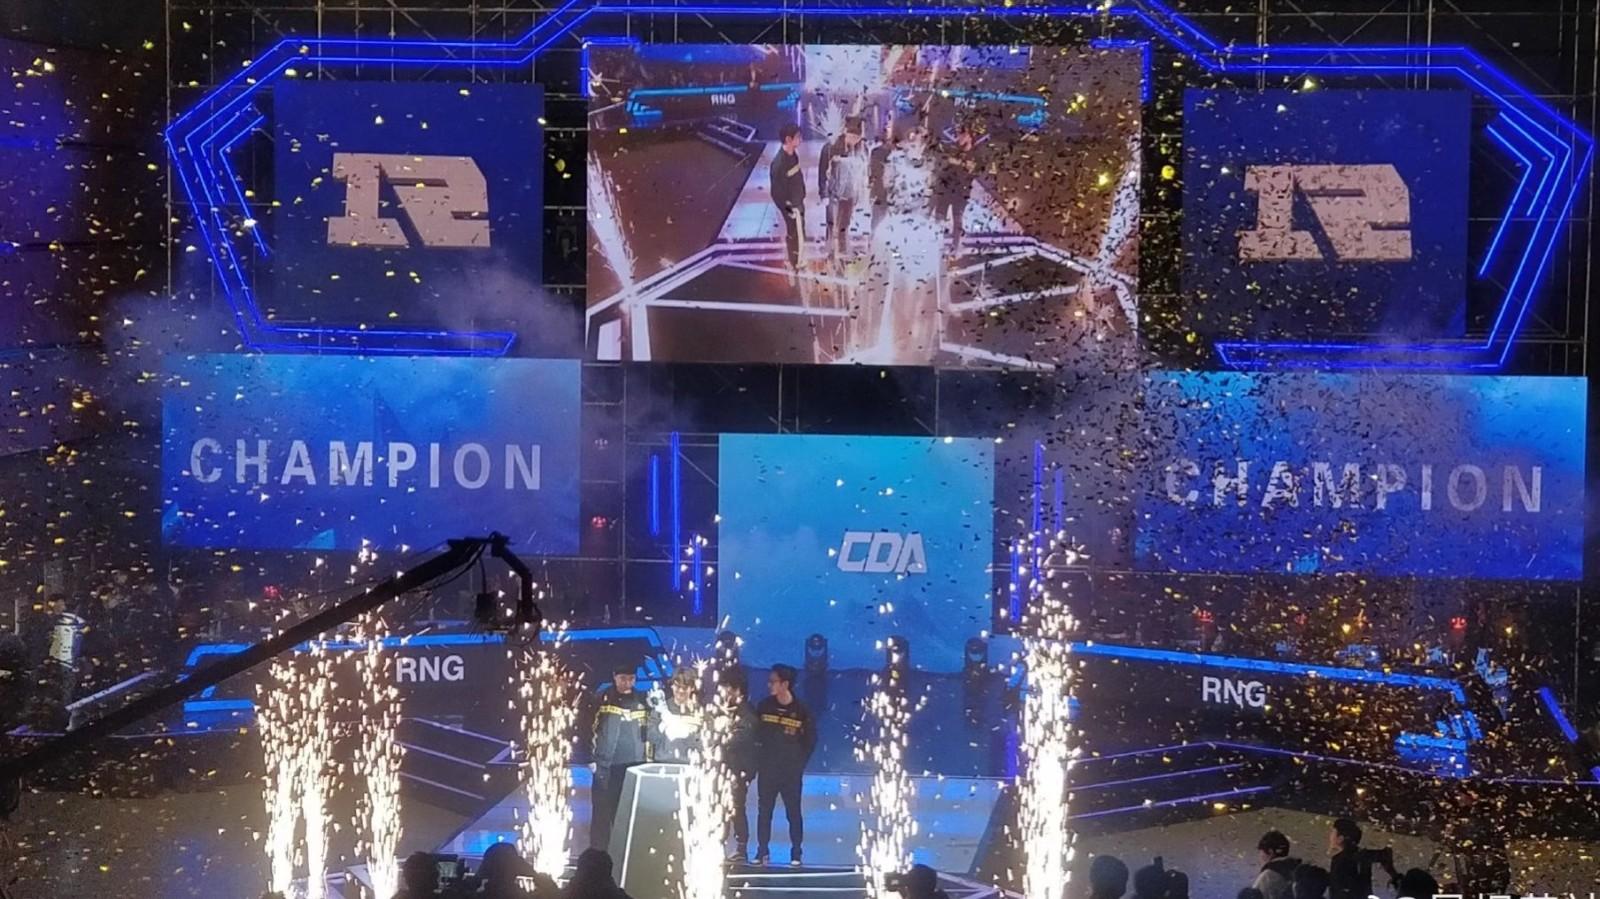 虎牙《DOTA2》冬季邀请赛竣事 RNG 3:2 Aster夺冠